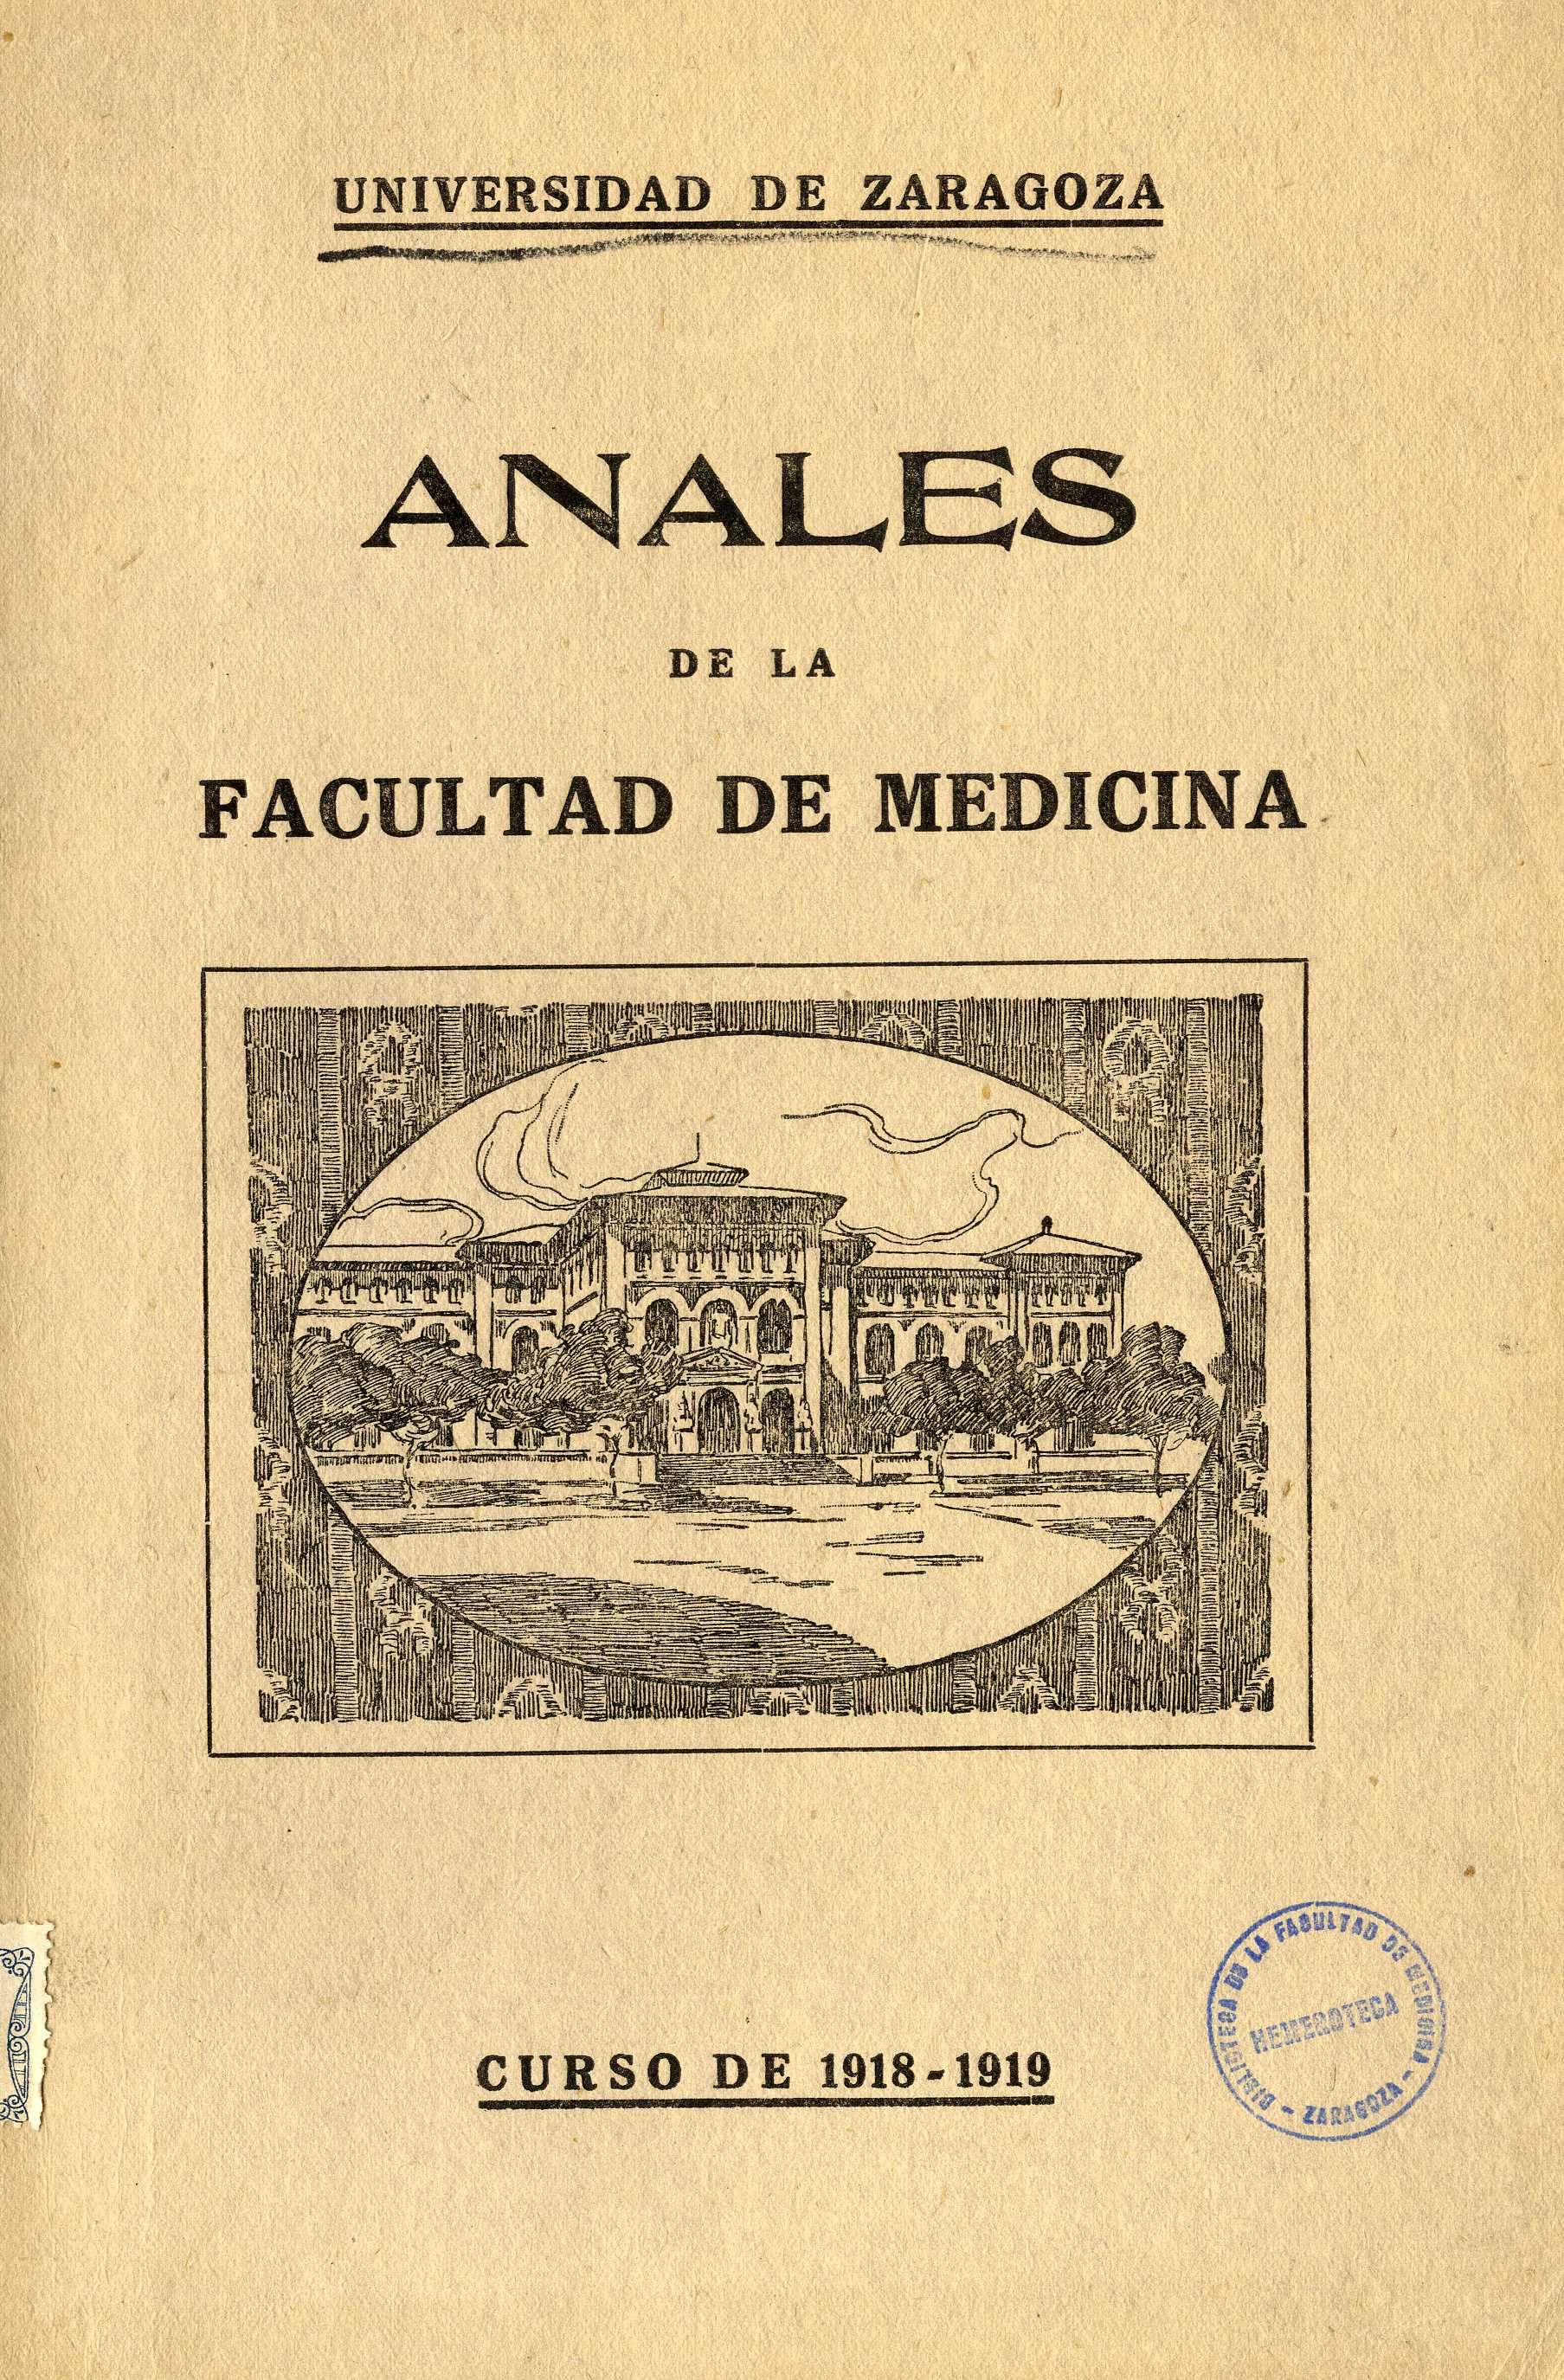 Anales de la Facultad de Medicina, fasc. 1,  (1918-19)